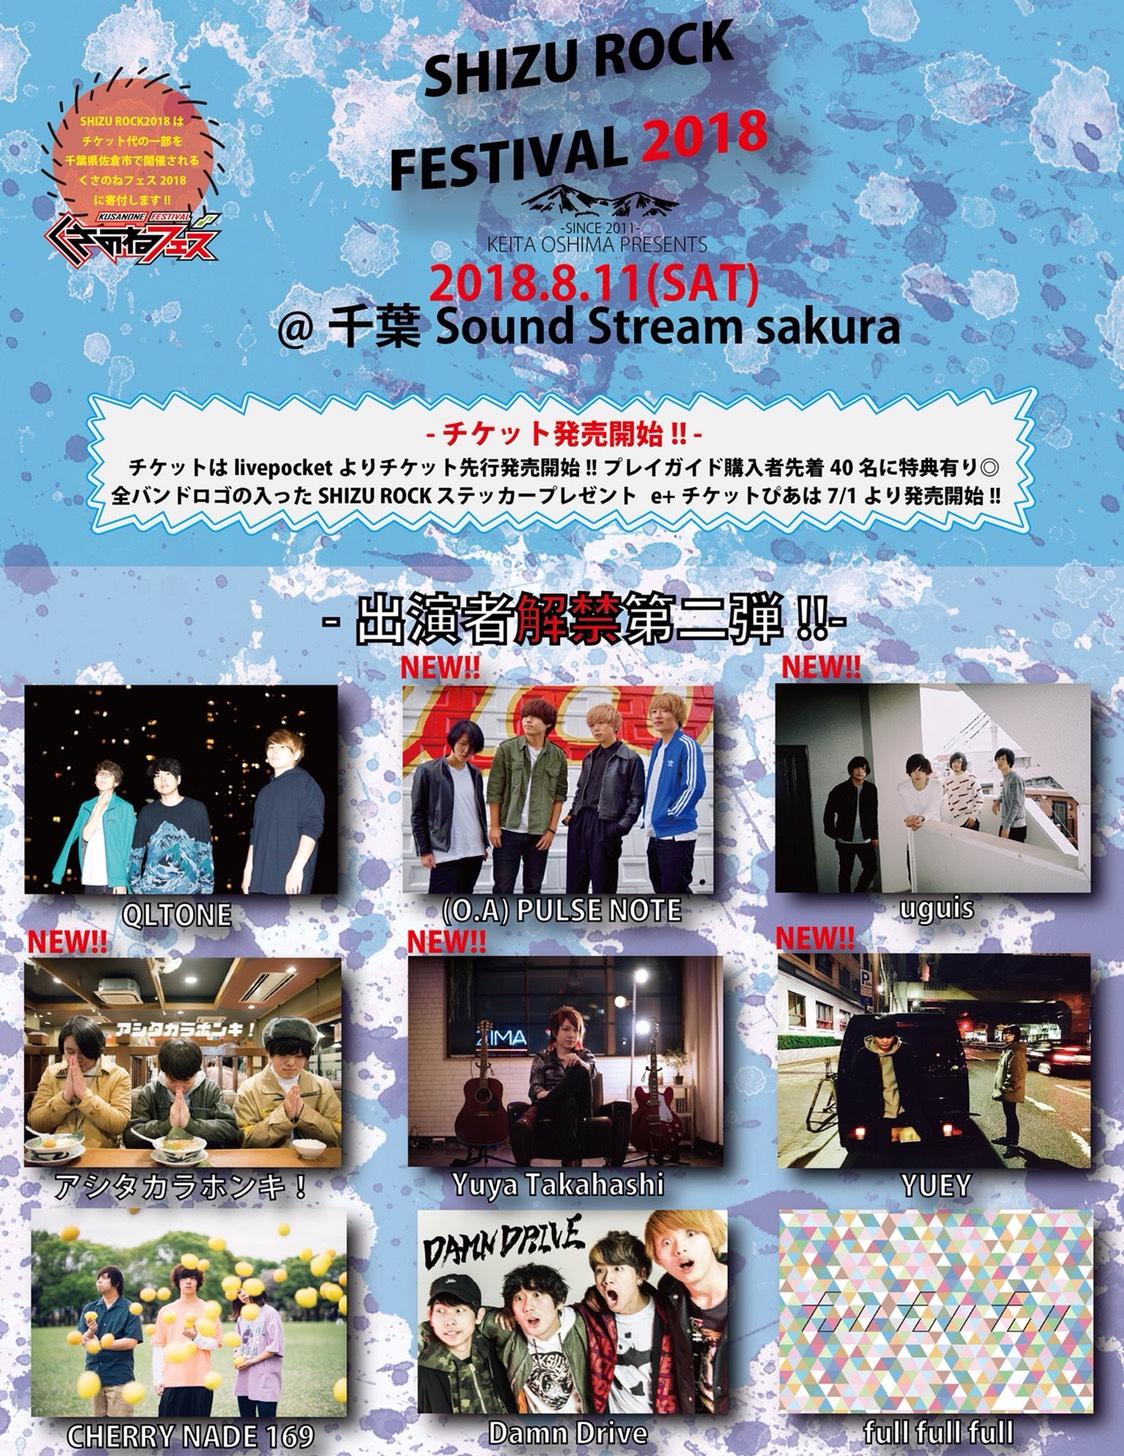 SHIZU ROCK FESTIVAL 2018